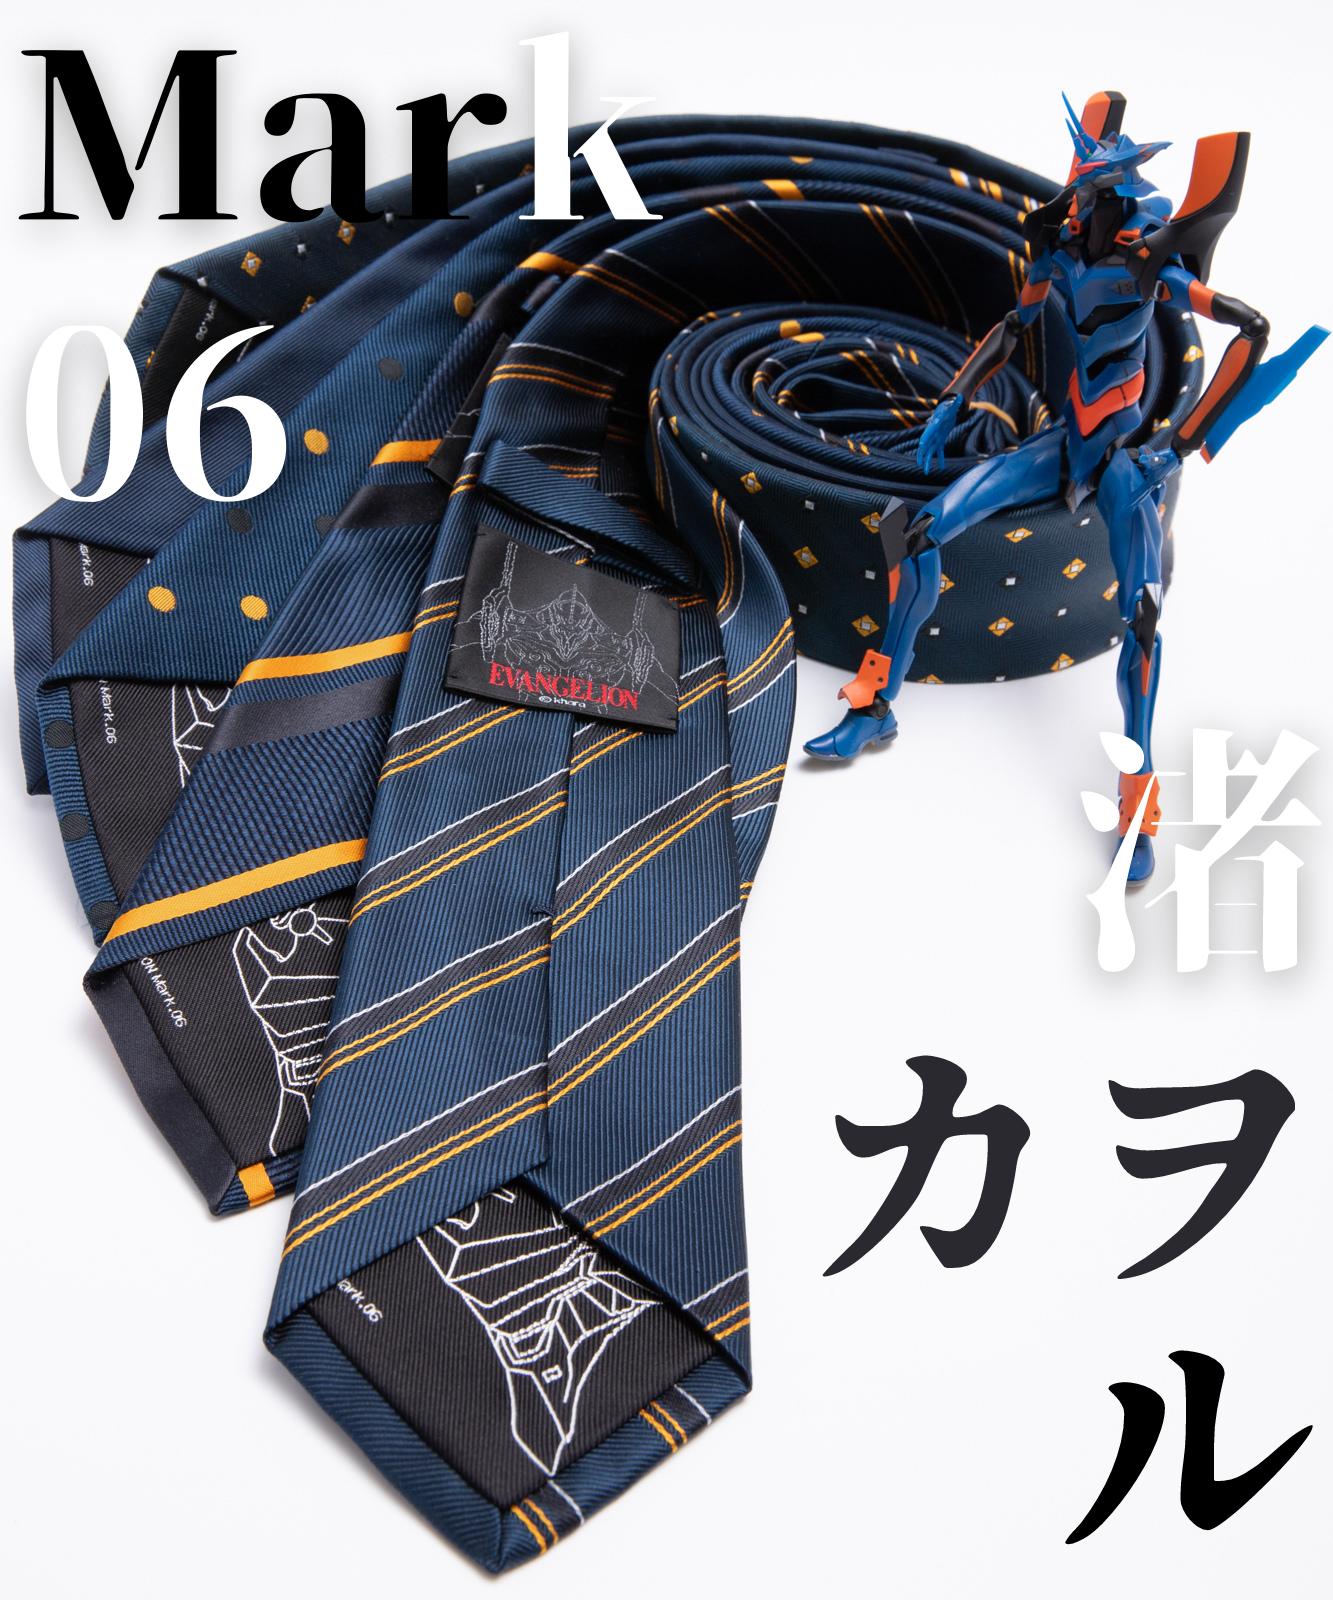 数量限定 エヴァンゲリオン【Mark.06 渚カヲル】ネクタイセット 5本入り